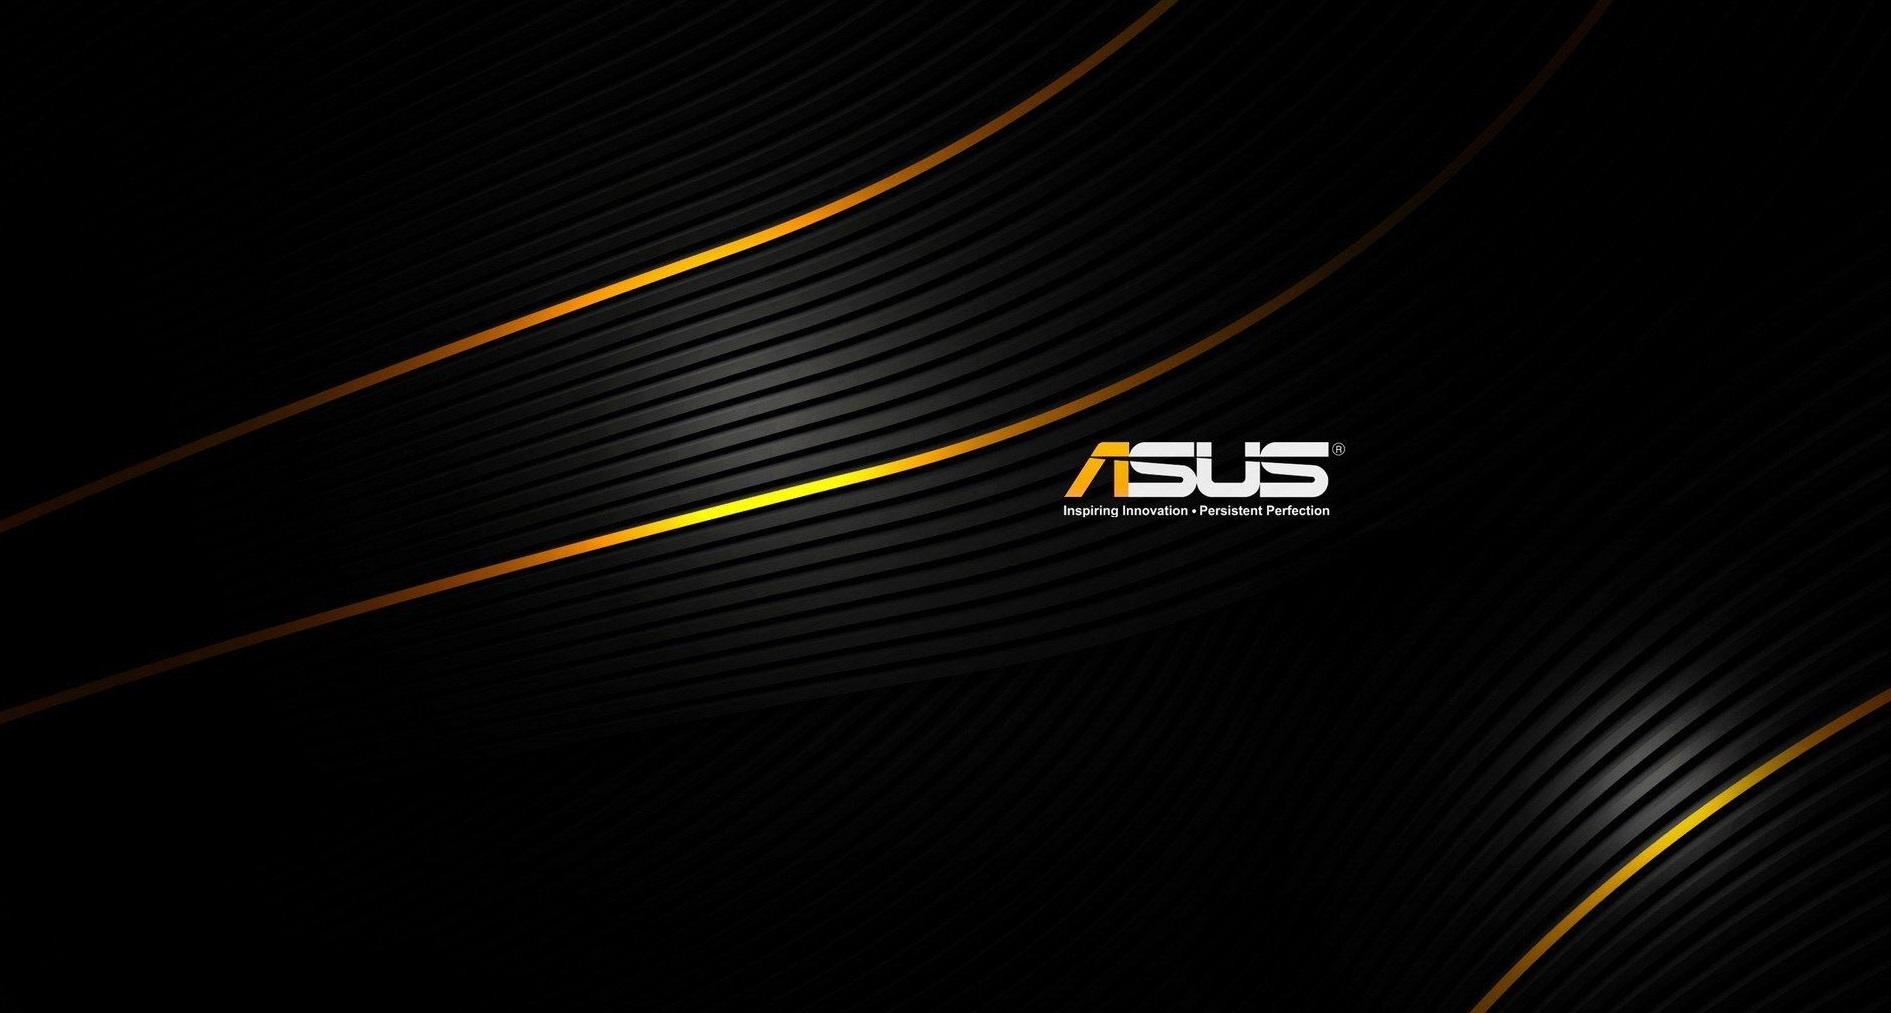 Celebra ASUS 30 años de innovación y lo hace presentando nueva gama de equipos de cómputo